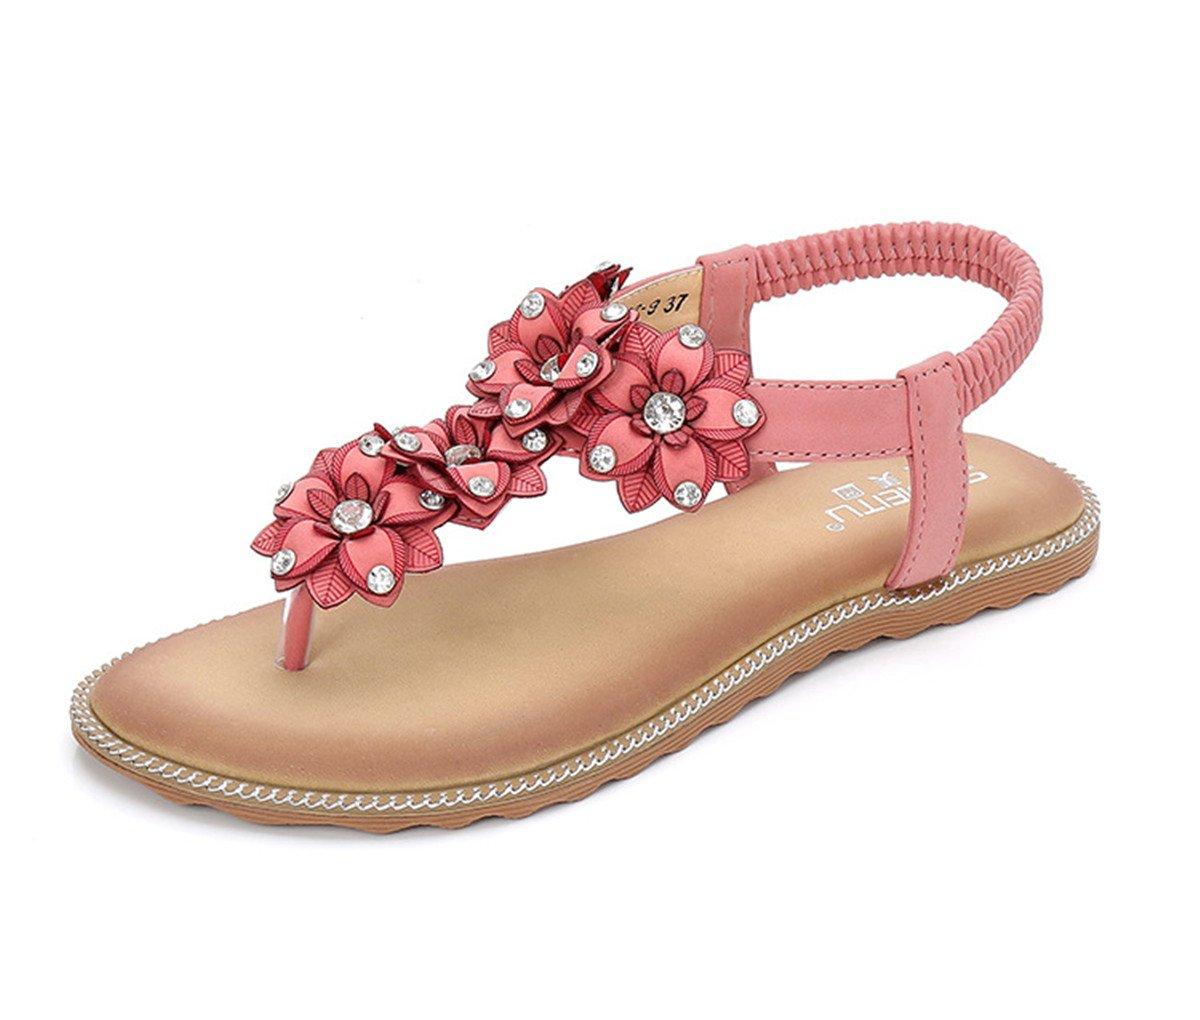 Womens Shoes Comfort Sandals Walking Shoes Damen Sandalen Sandalette Sandalen fuuml;r Frauen Bouml;hmische Sandalen flache Unterseite clip Stift eine groszlig;e Anzahl von Sandalen der nationalen Frauen  US8.5/EU39/UK6.5/CN40|Pink